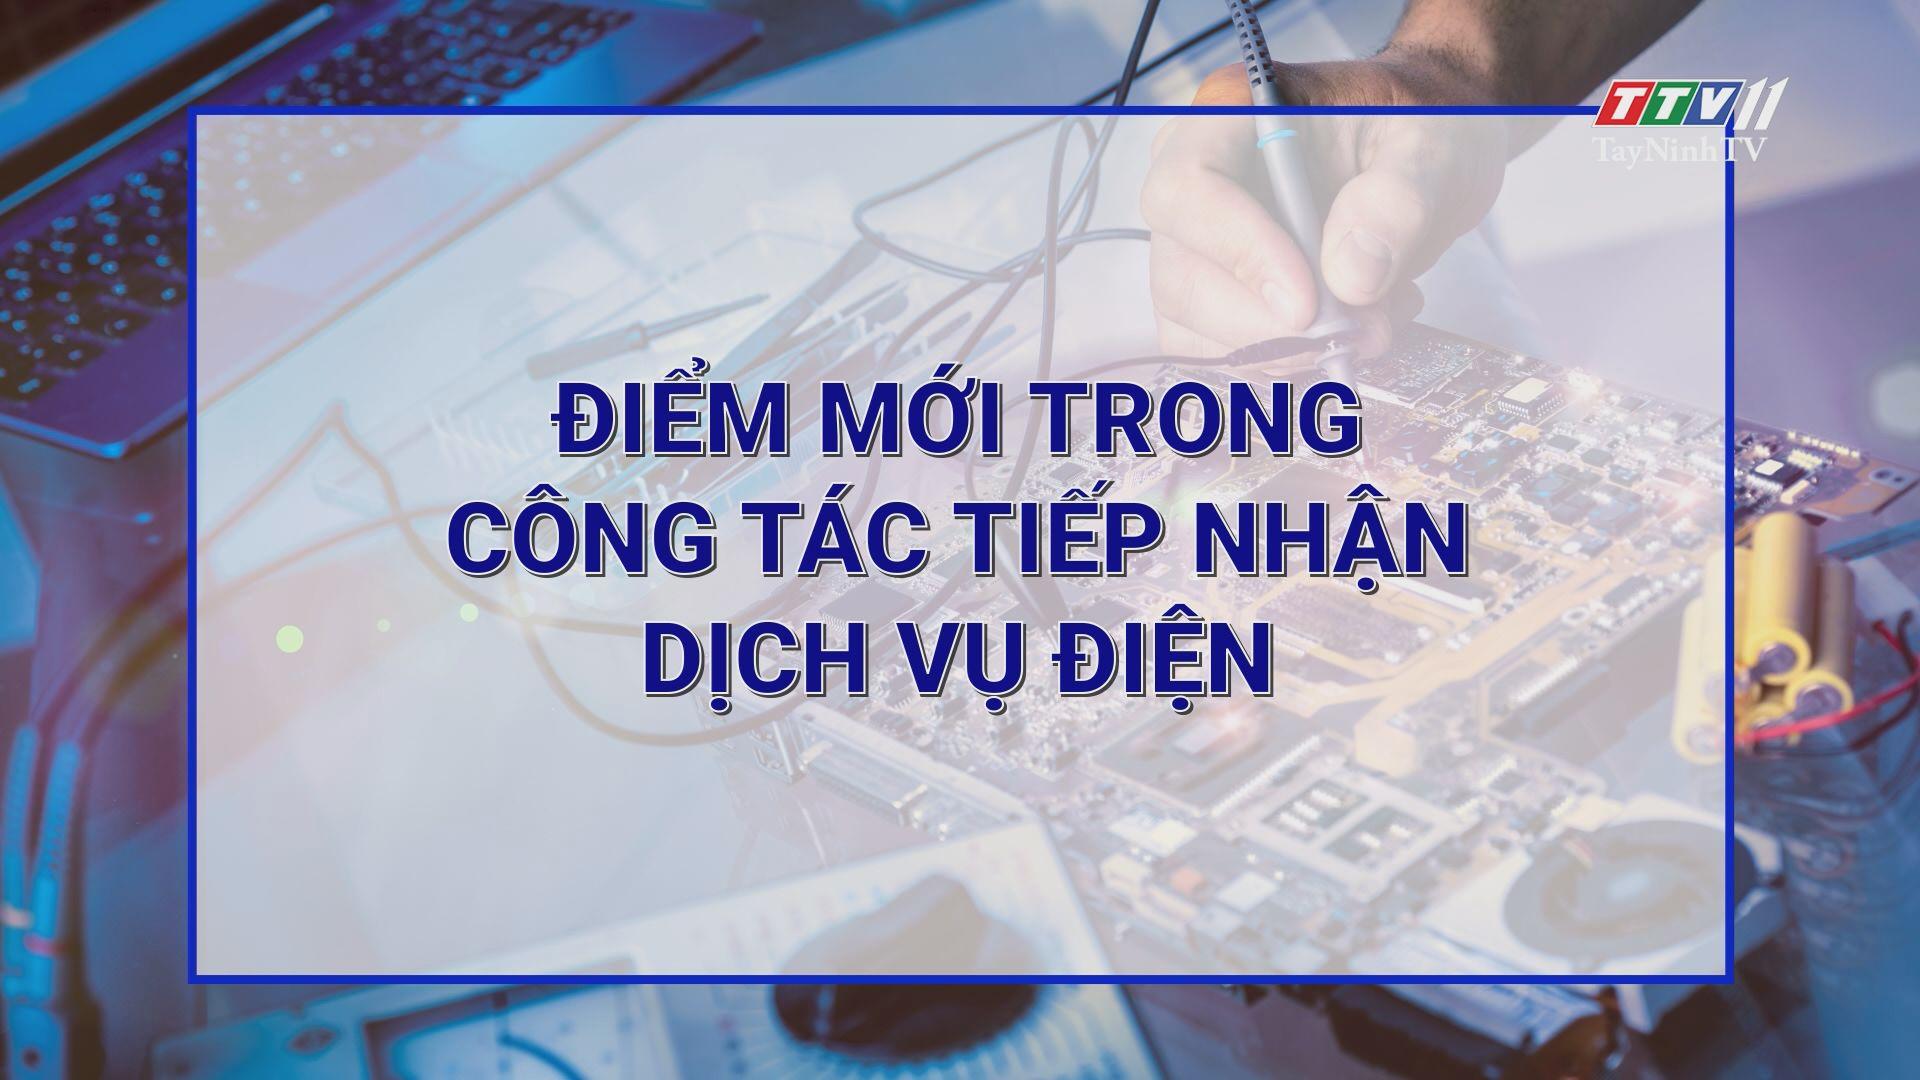 Điểm mới trong công tác tiếp nhận dịch vụ điện   ĐIỆN VÀ CUỘC SỐNG   TayNinhTV